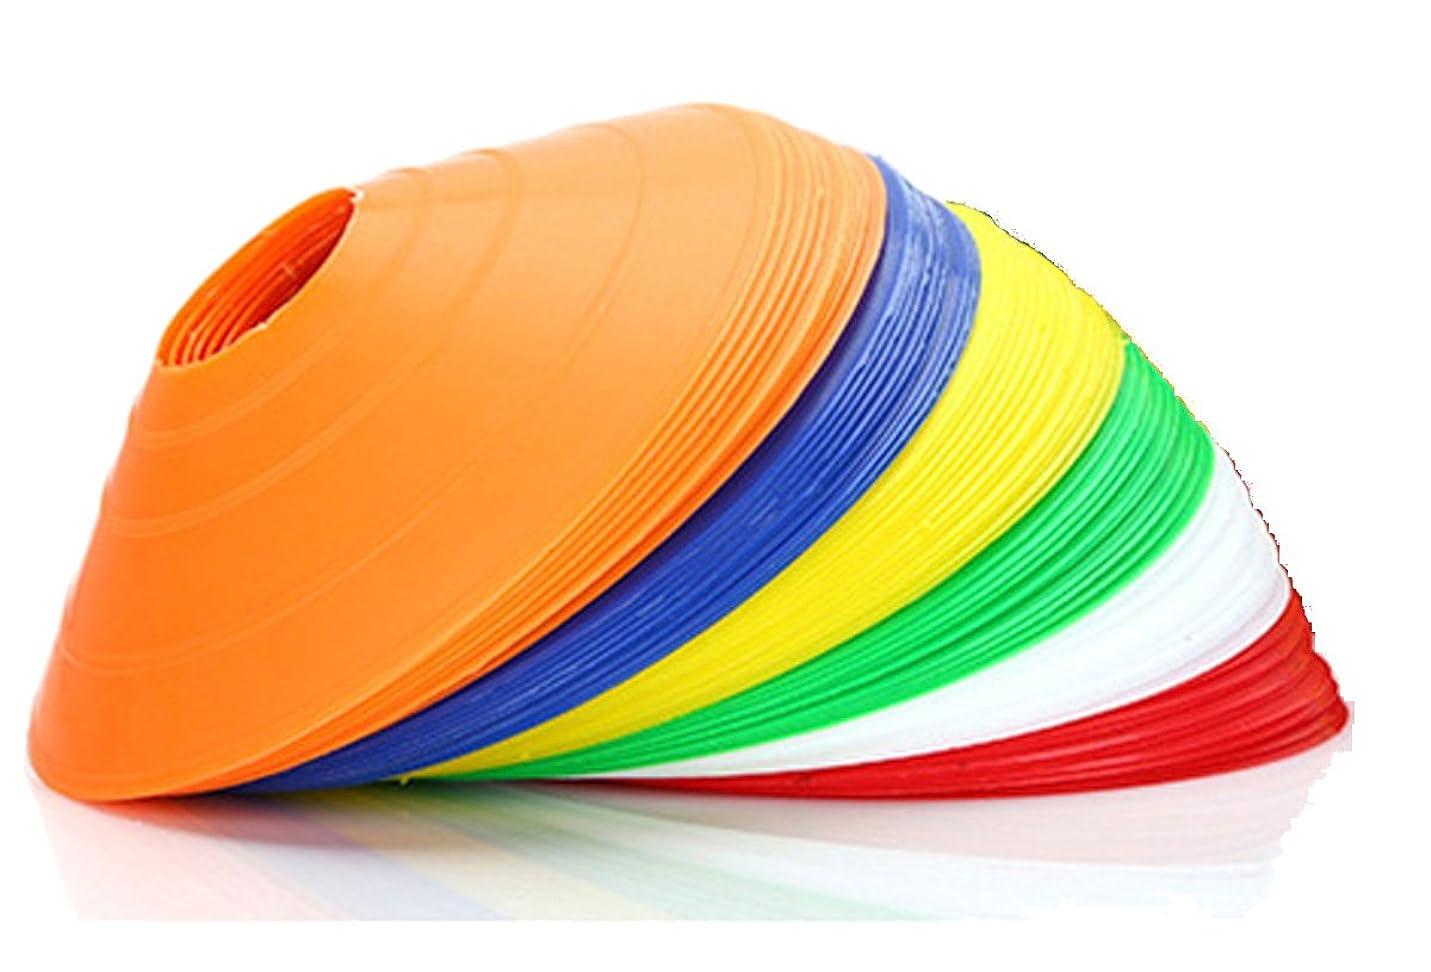 数学的な閉じ込めるピークYapeer マーカーコーン カラーコーン サッカー トレーニング用品 (10個セット)